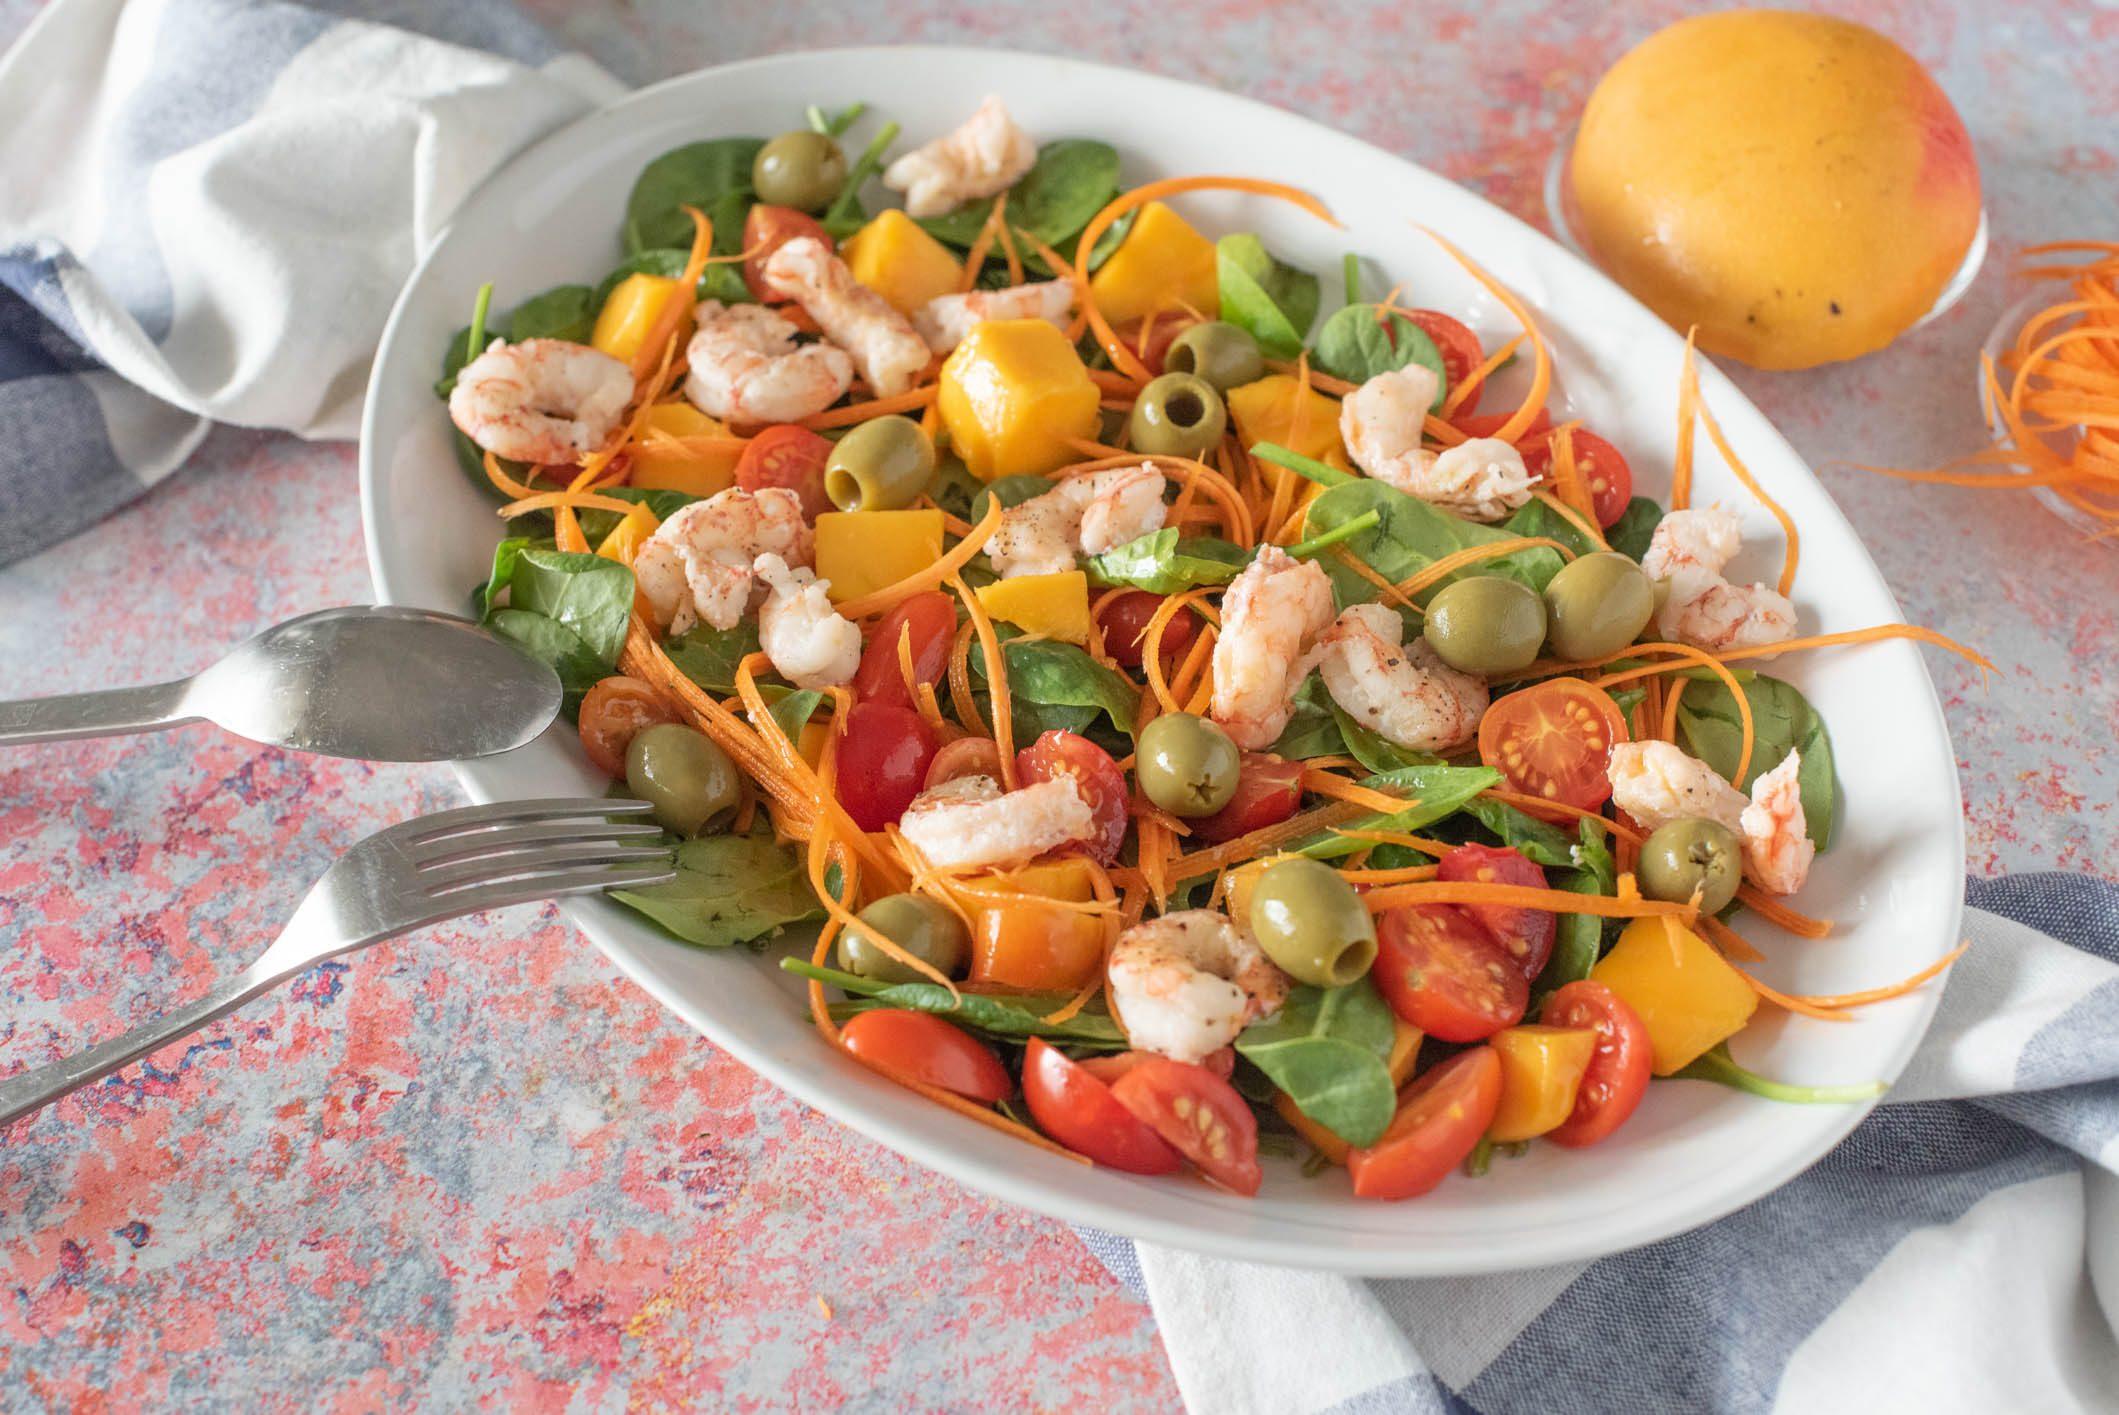 Insalata di gamberi e mango: la ricetta del piatto fresco e colorato